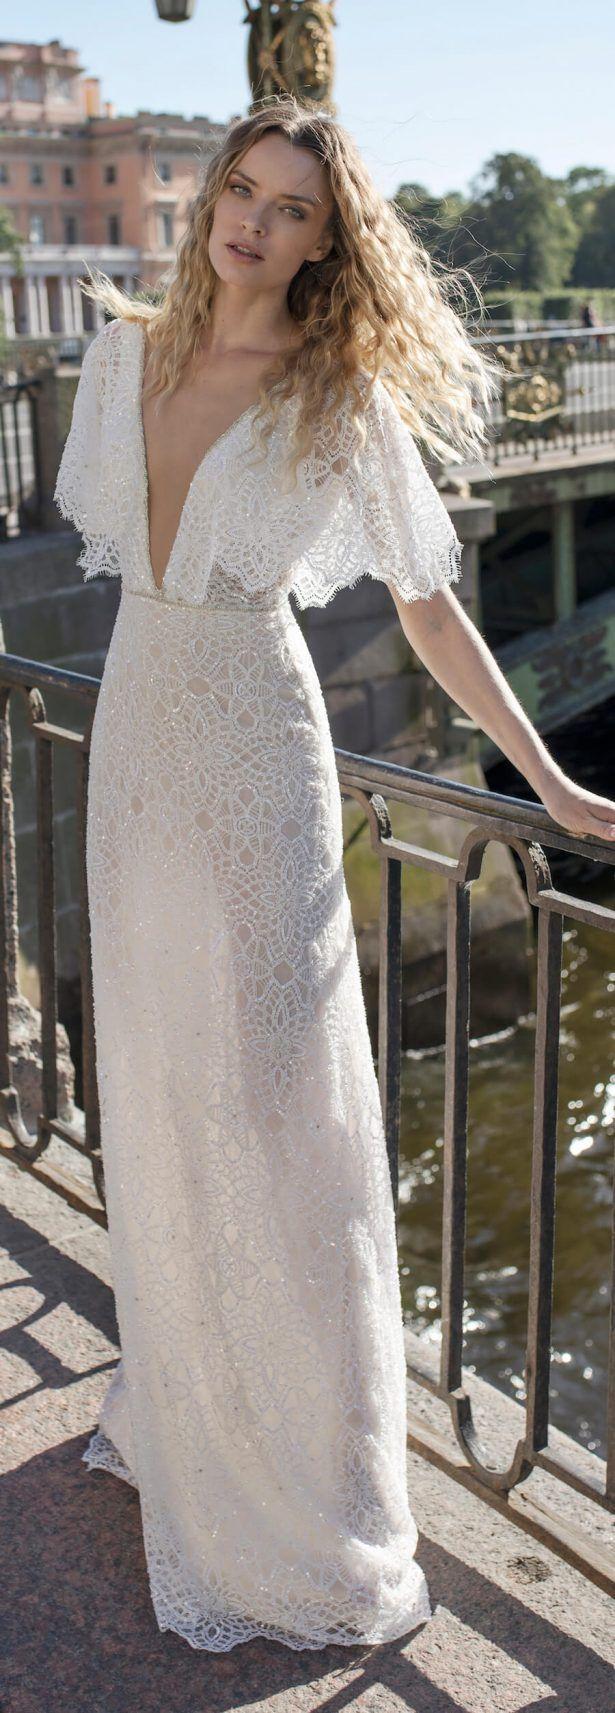 127 besten Bohemian Wedding Bilder auf Pinterest   Abendkleid ...